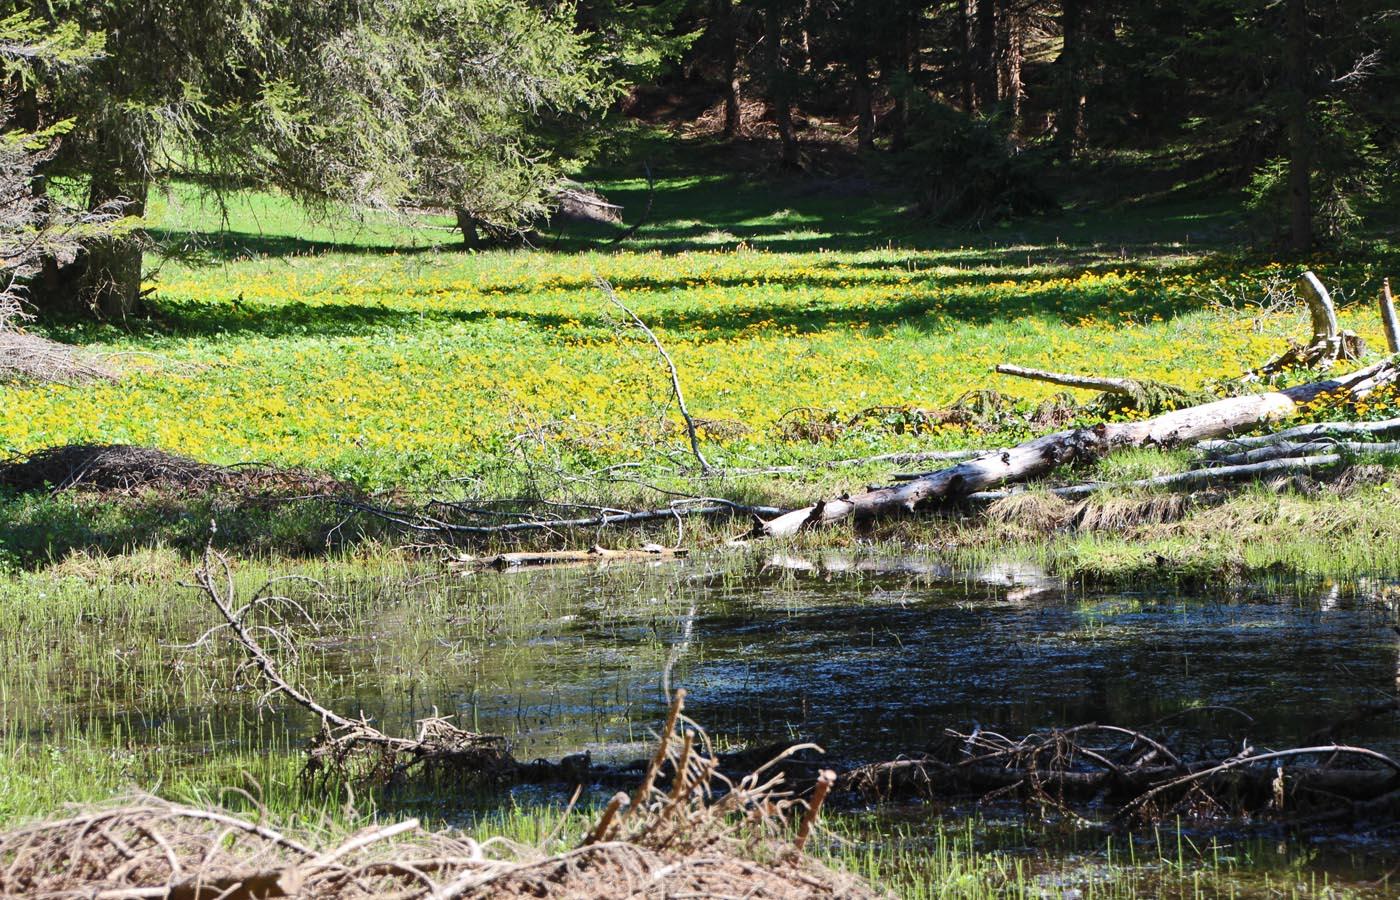 Nichts gedeiht ohne Wasser. Viele Pflanzen, wie Weide und Erle, finden sich auch direkt am Wasser